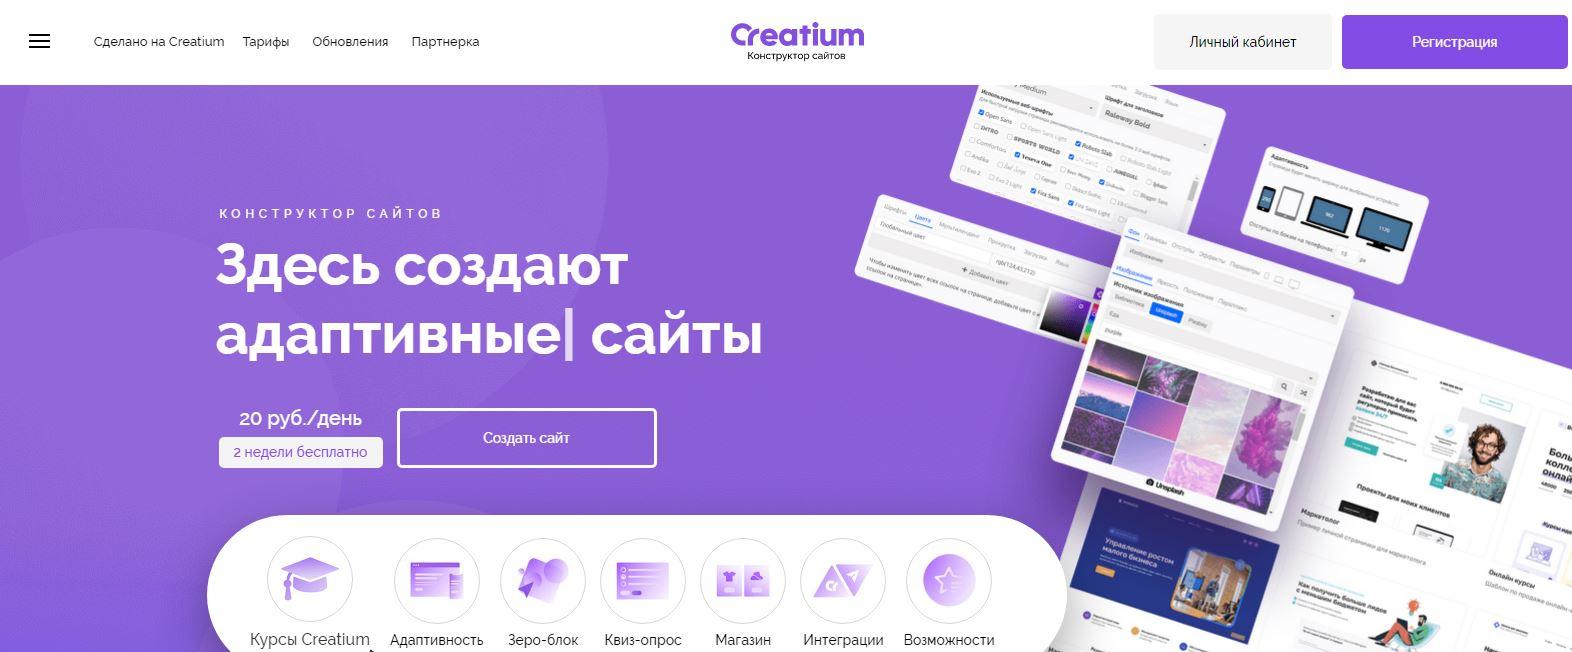 Лучшие конструкторы сайтов, рейтинг 2021, какой выбрать на русском языке - Creatium - фото